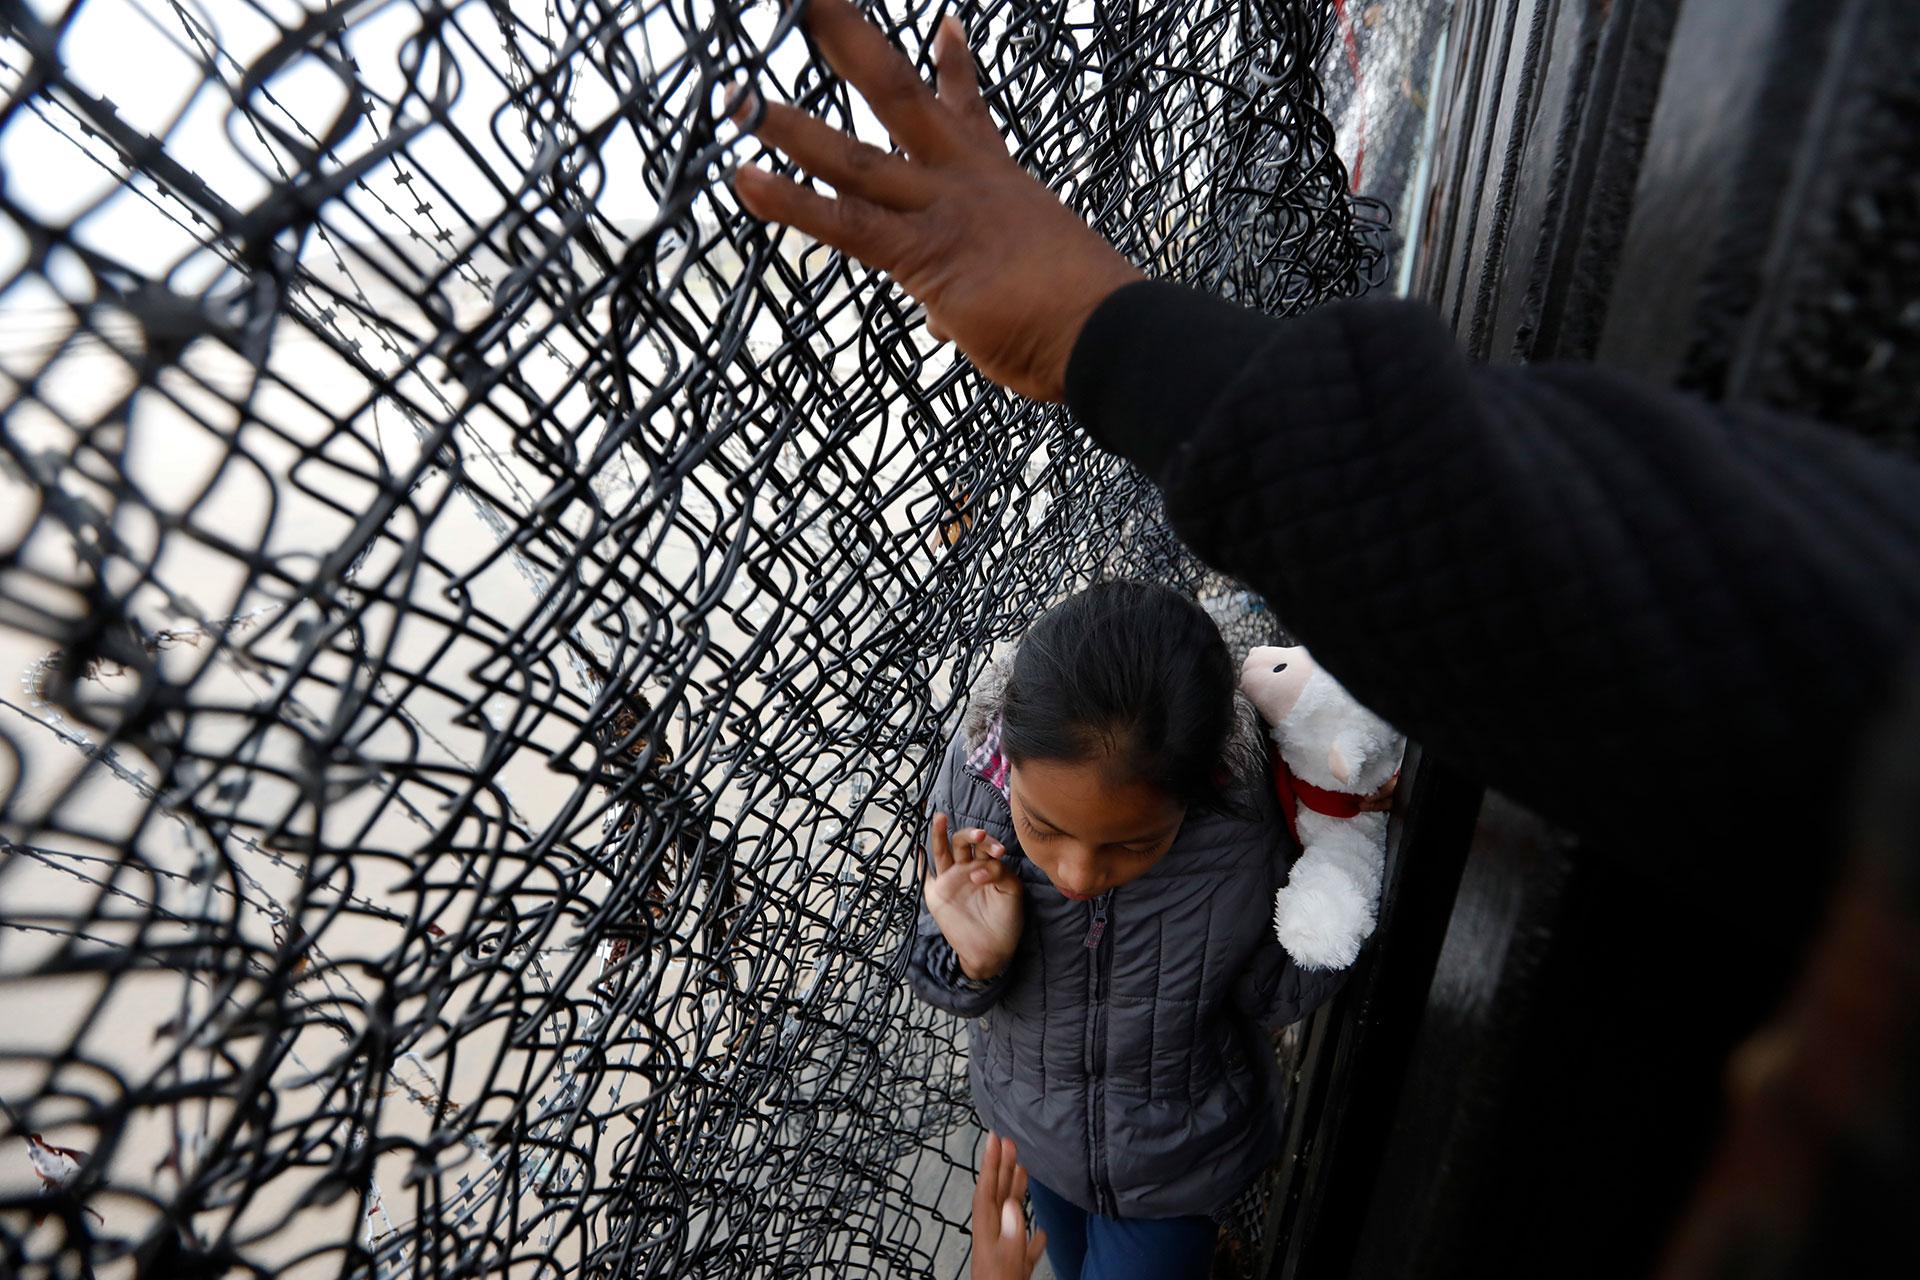 Una niña ayudada por su familia busca un hueco en el enrejado para cruzar a territorio estadounidense